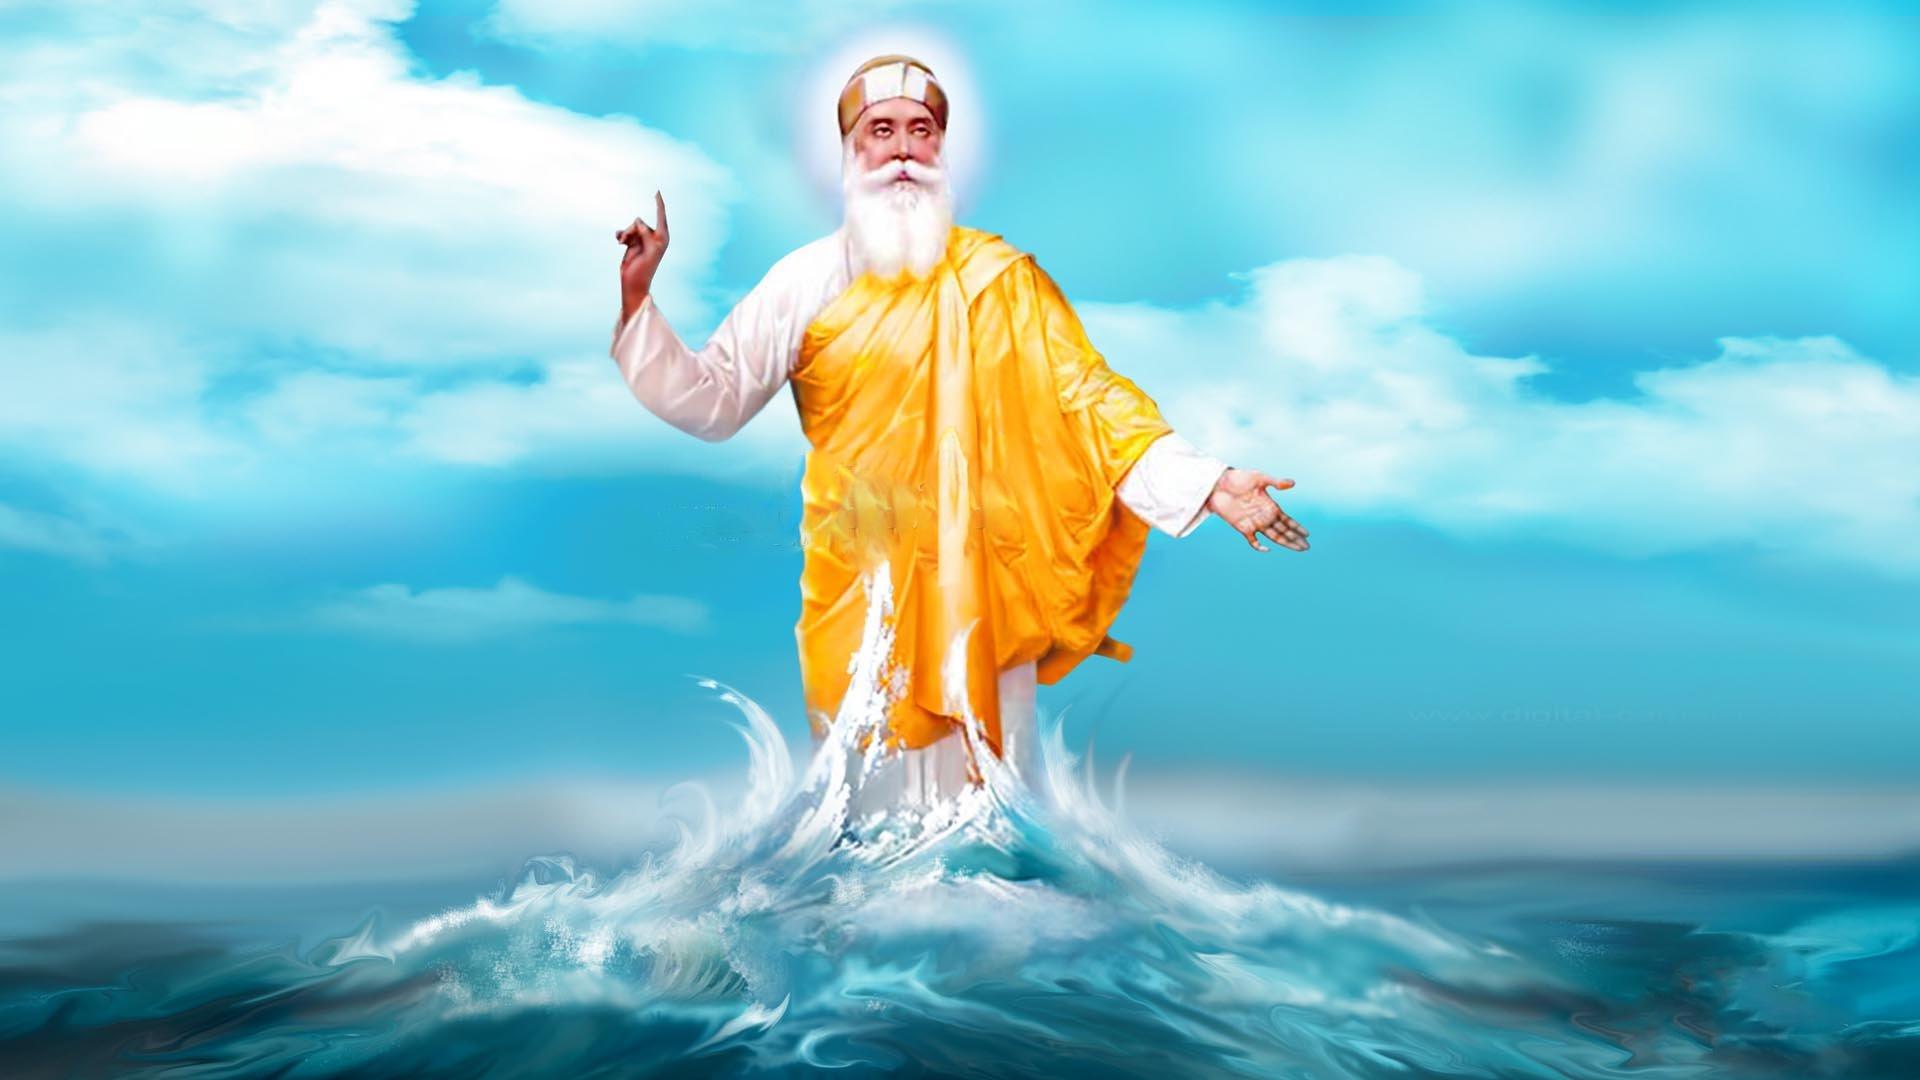 Guru Nanak Dev Ji Photos